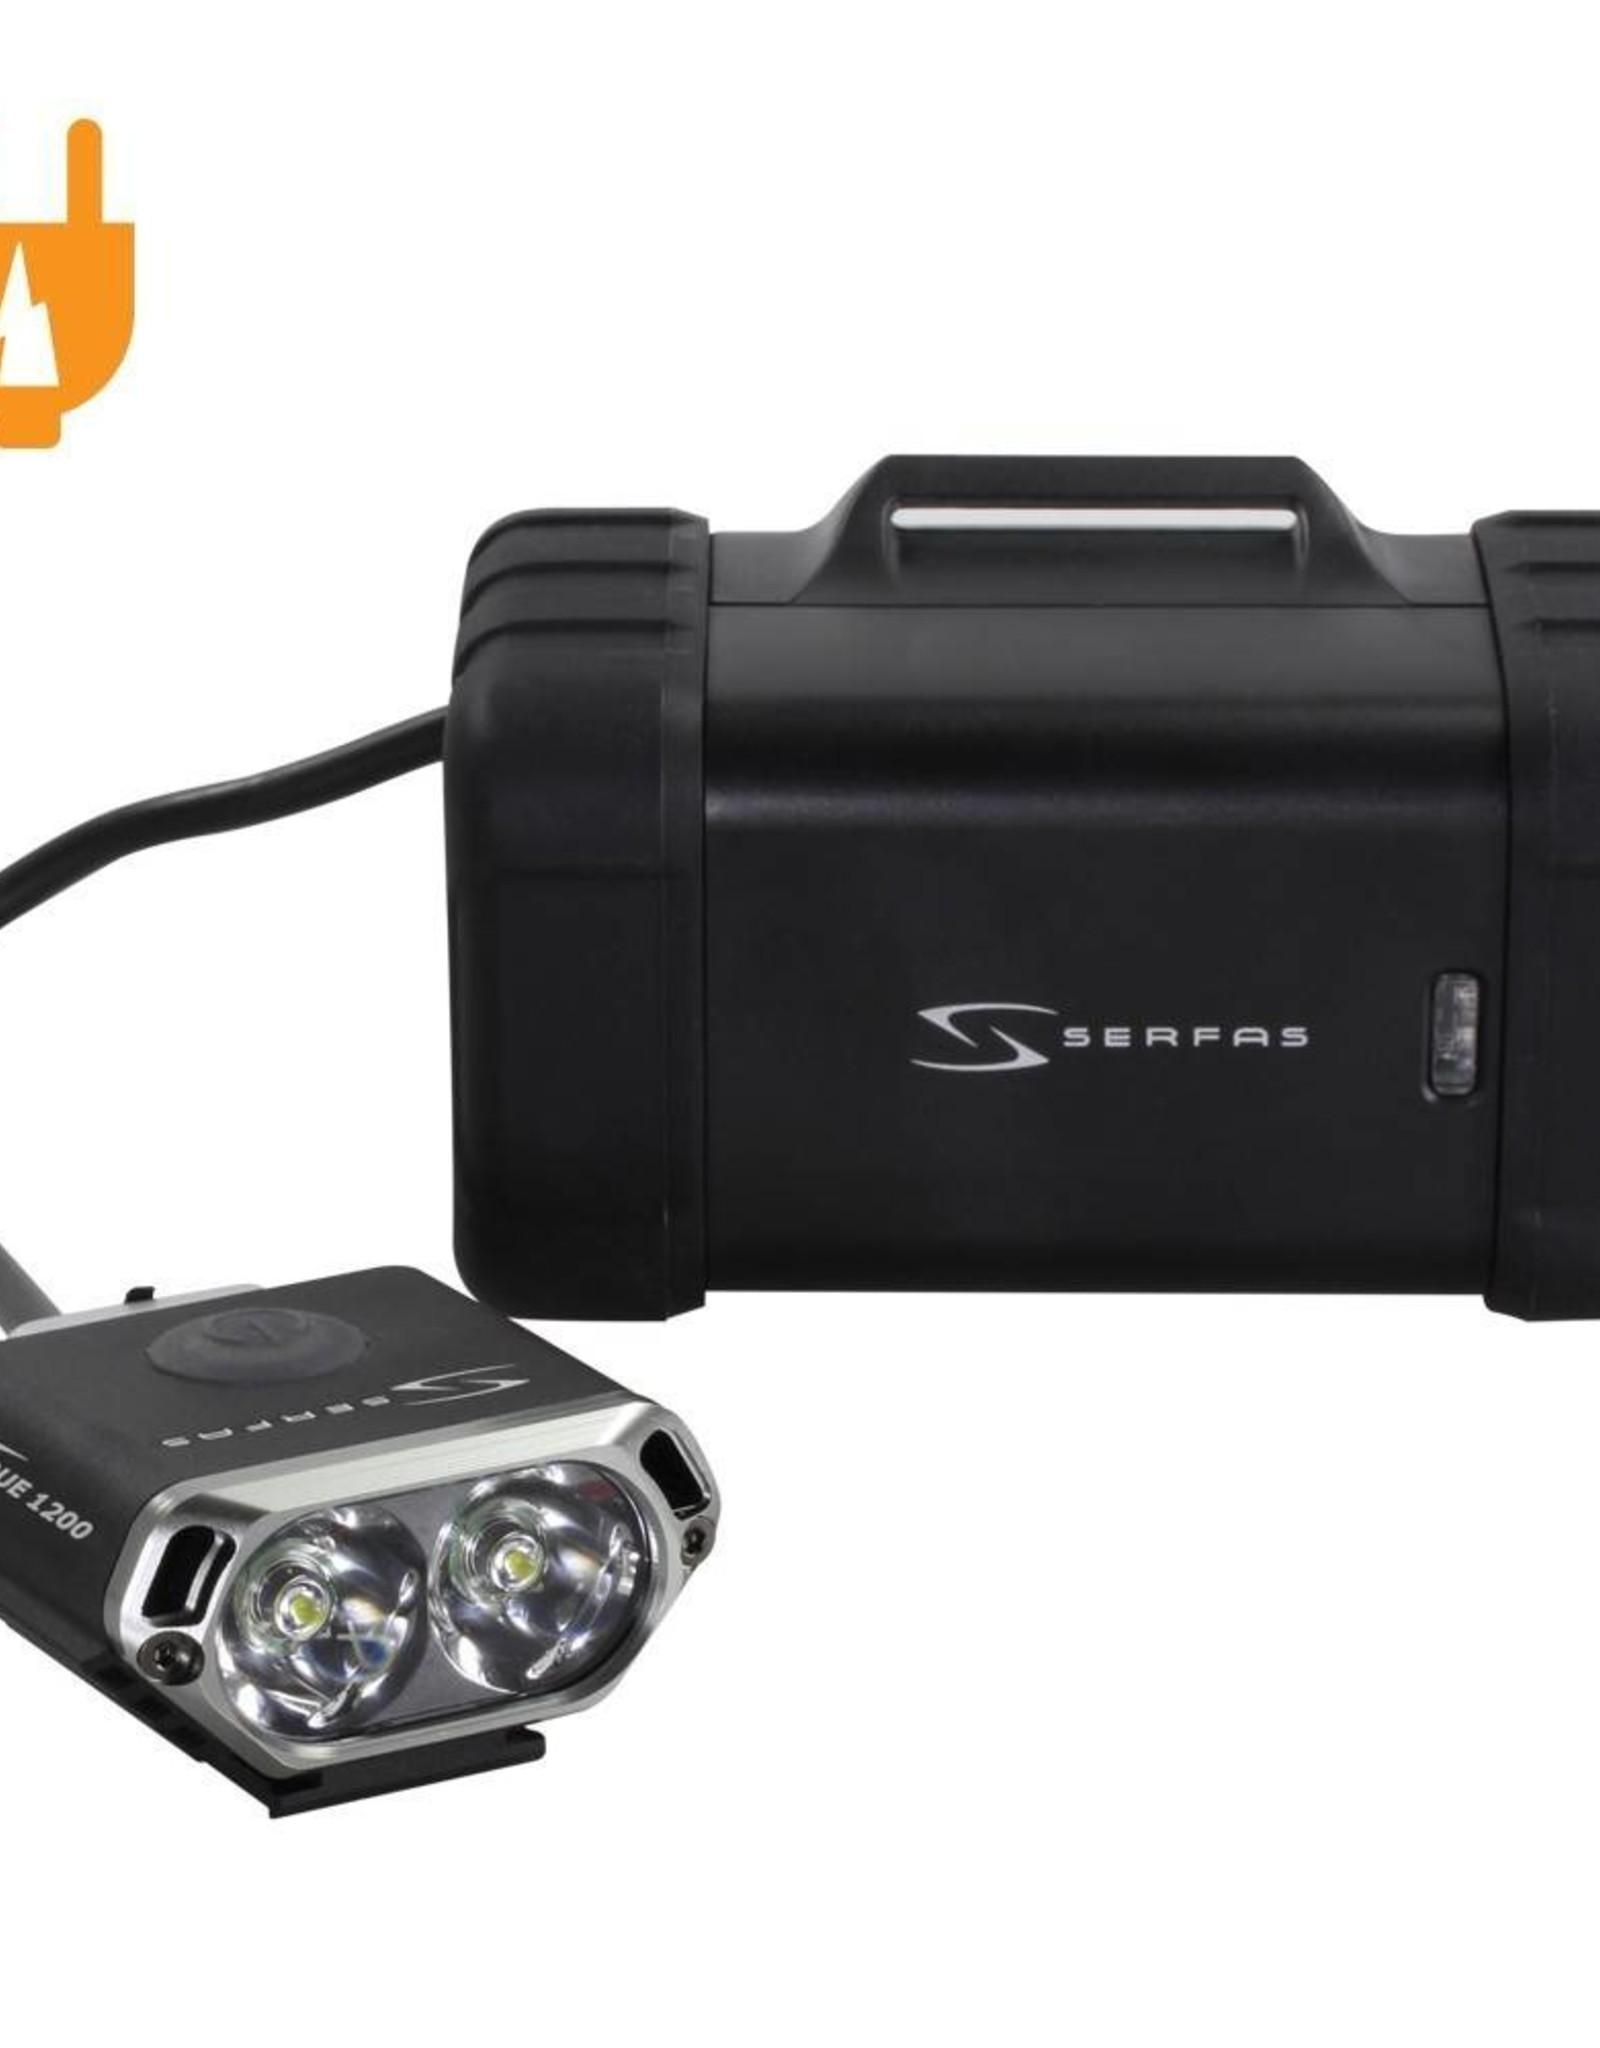 Serfas True 1200 USB Headlight w/ Helmet Mount